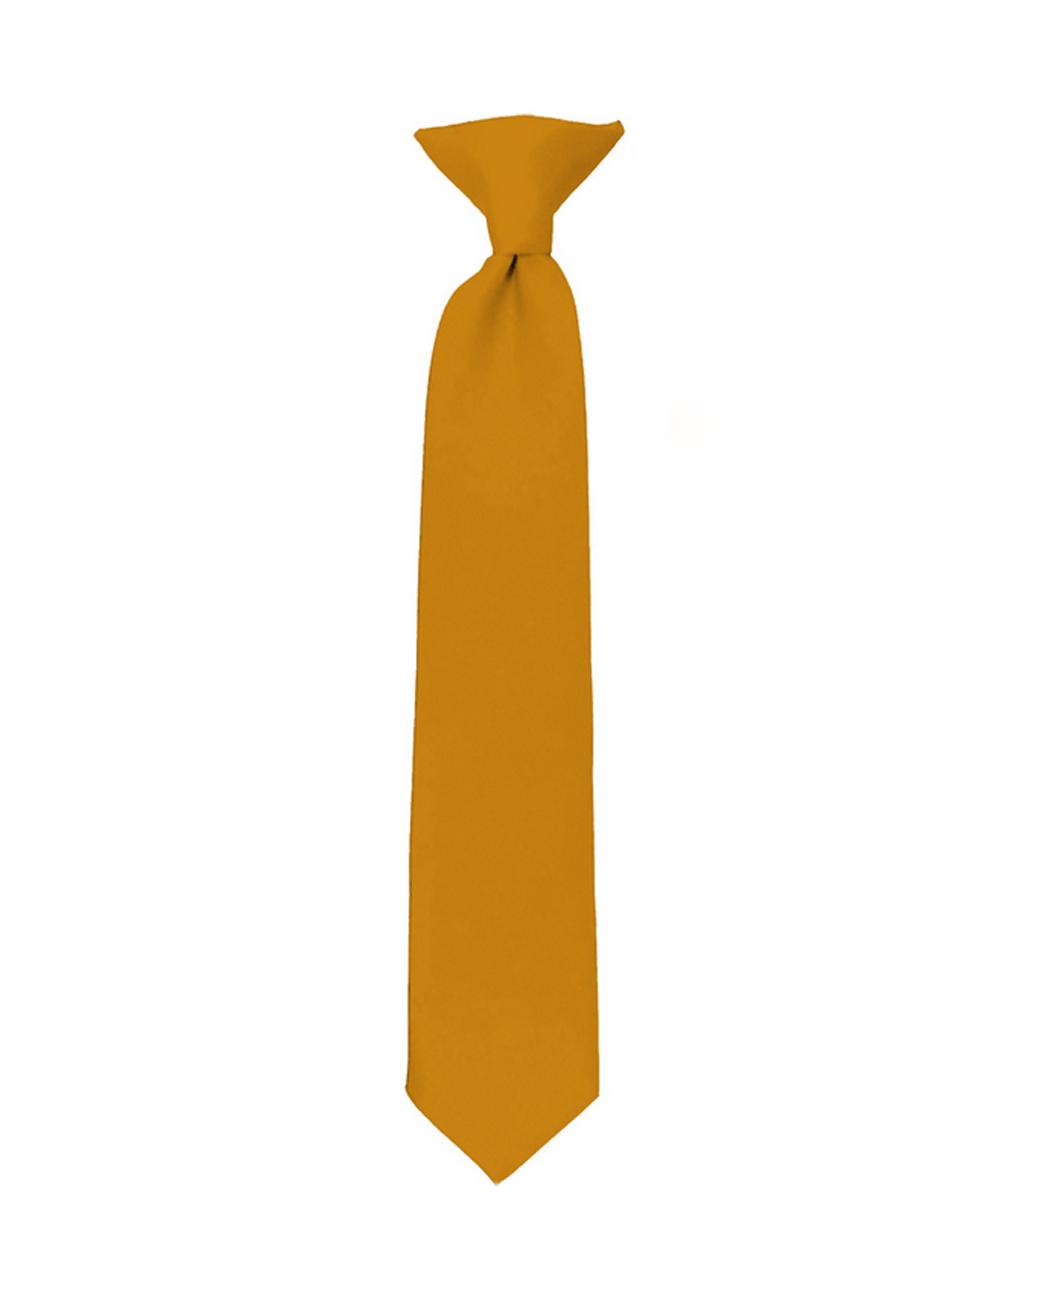 NYfashion101 Boy's Solid Clip on Tie- Fuschia